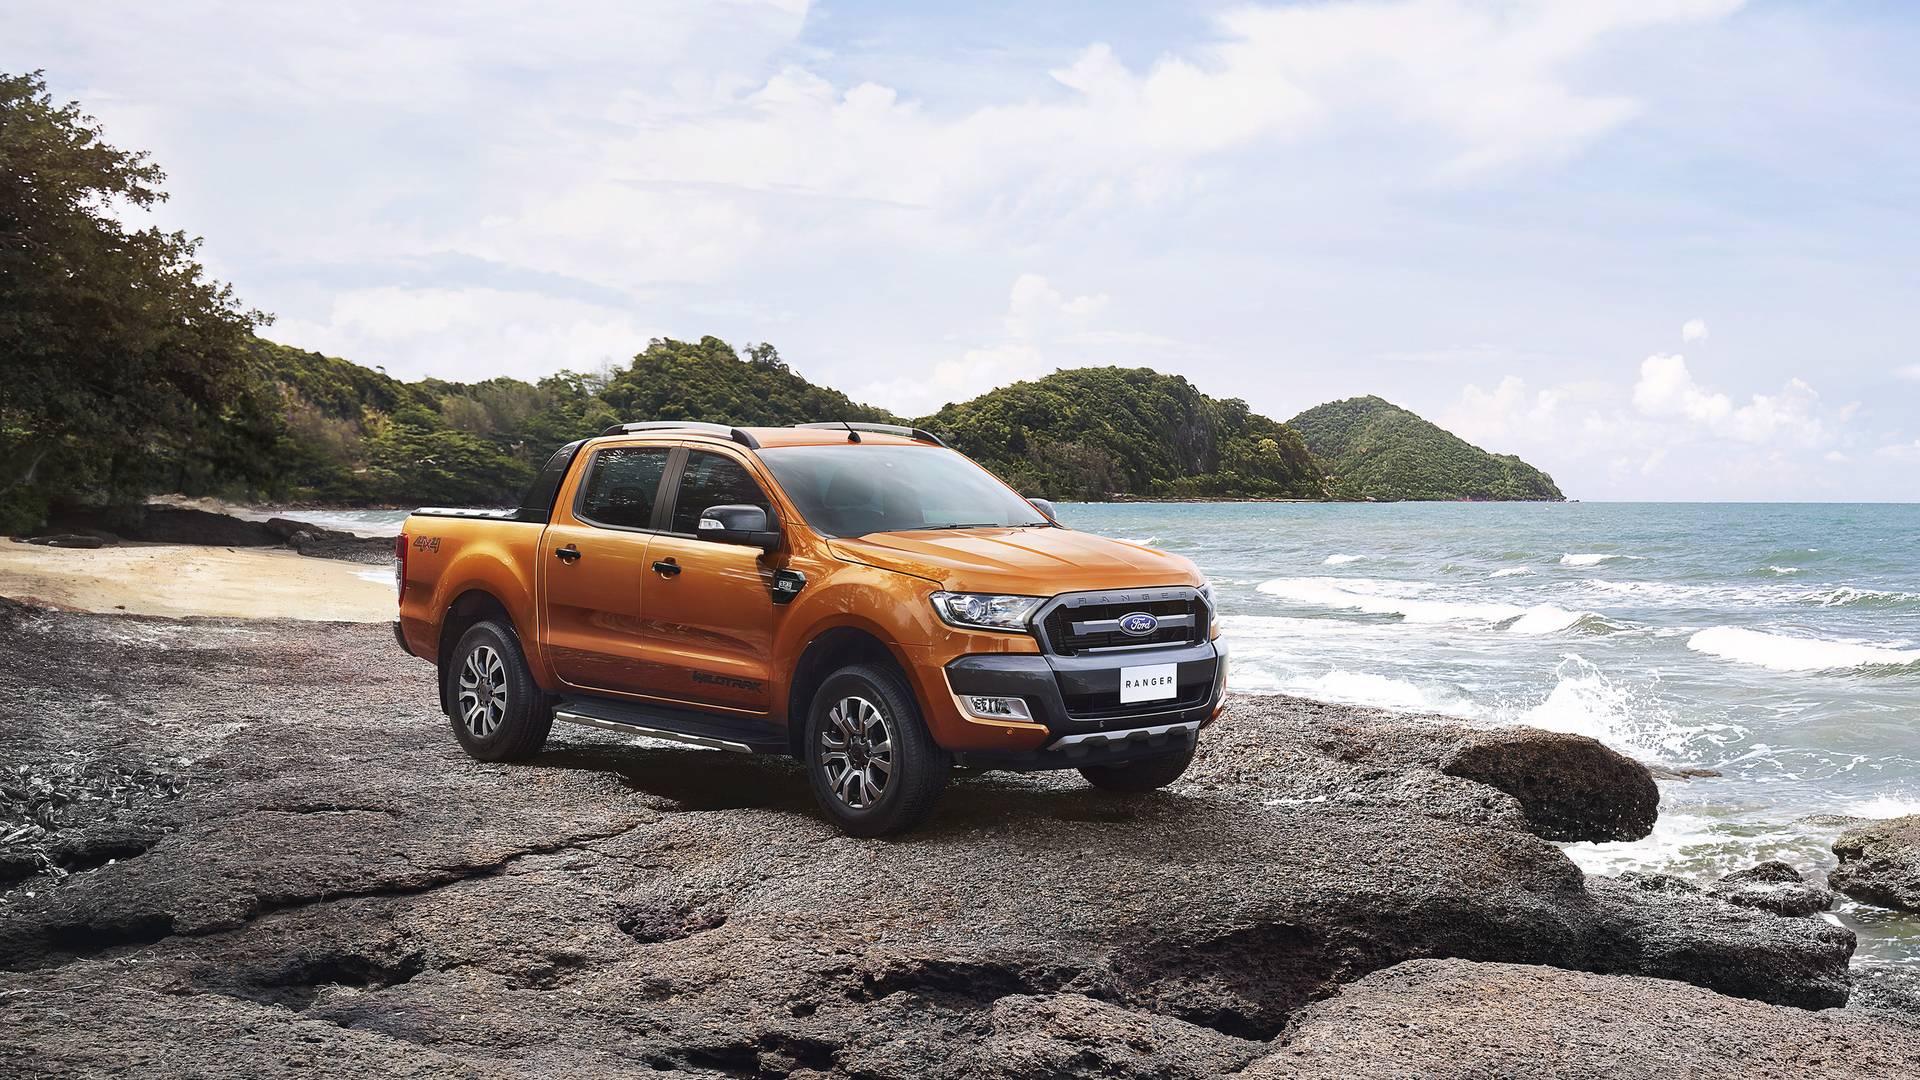 Ford Ranger 2021 mới – thông số kỹ thuật kèm giá bán tại Việt Nam3